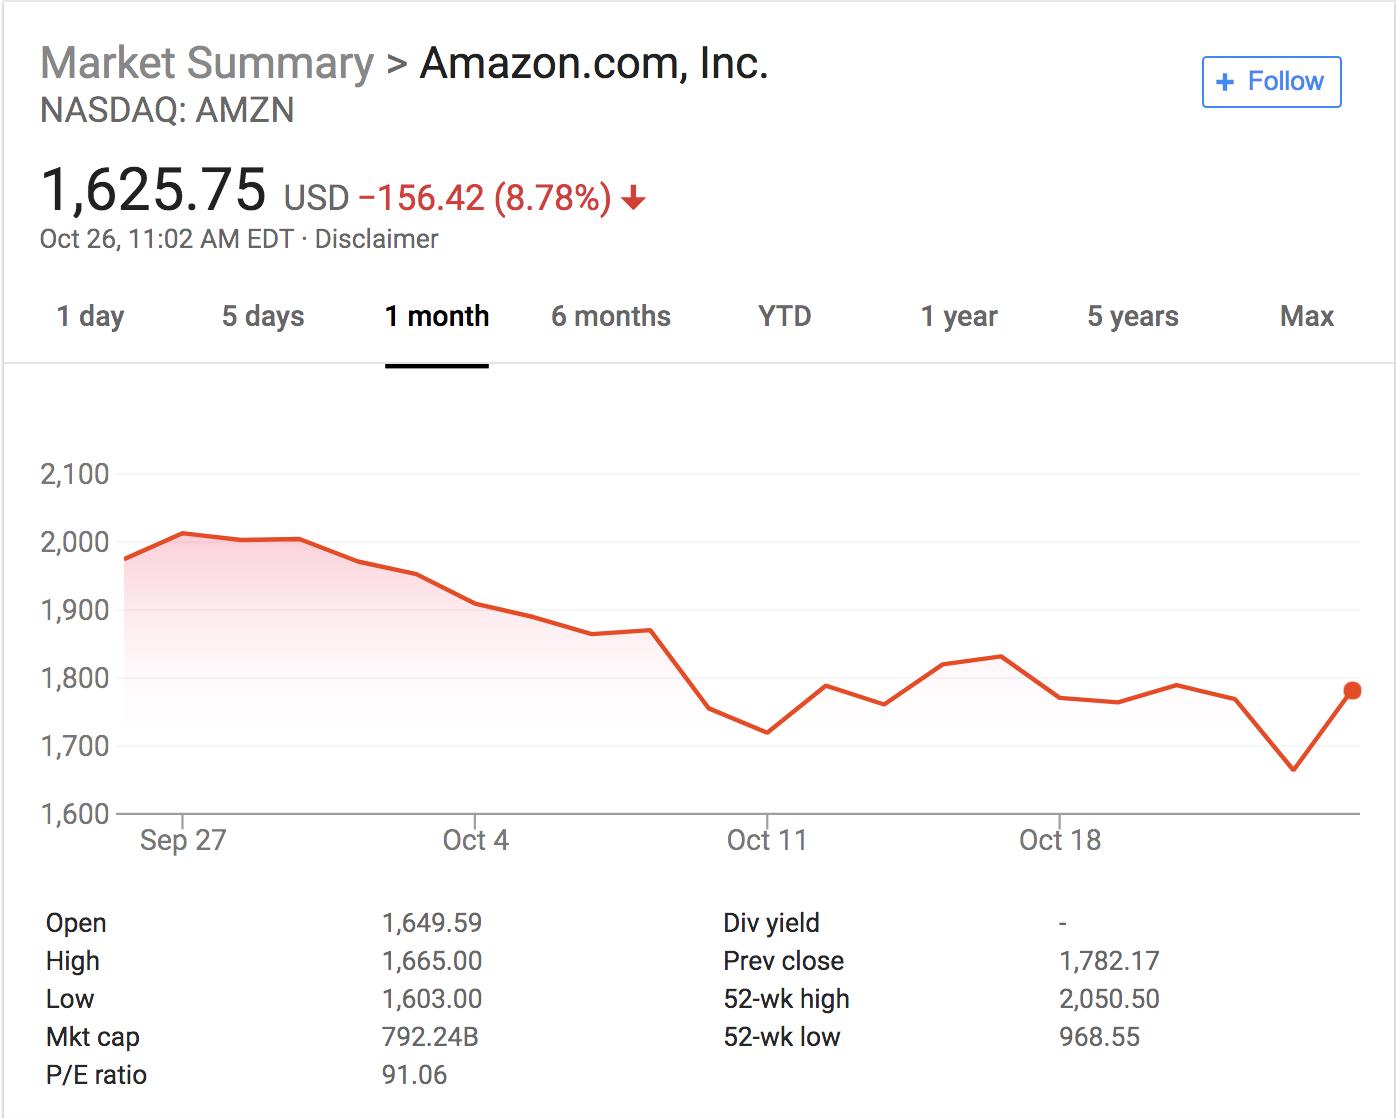 """微软赶超亚马逊成全球市值第二大公司 或踏入""""万亿俱乐部""""_图1-4"""